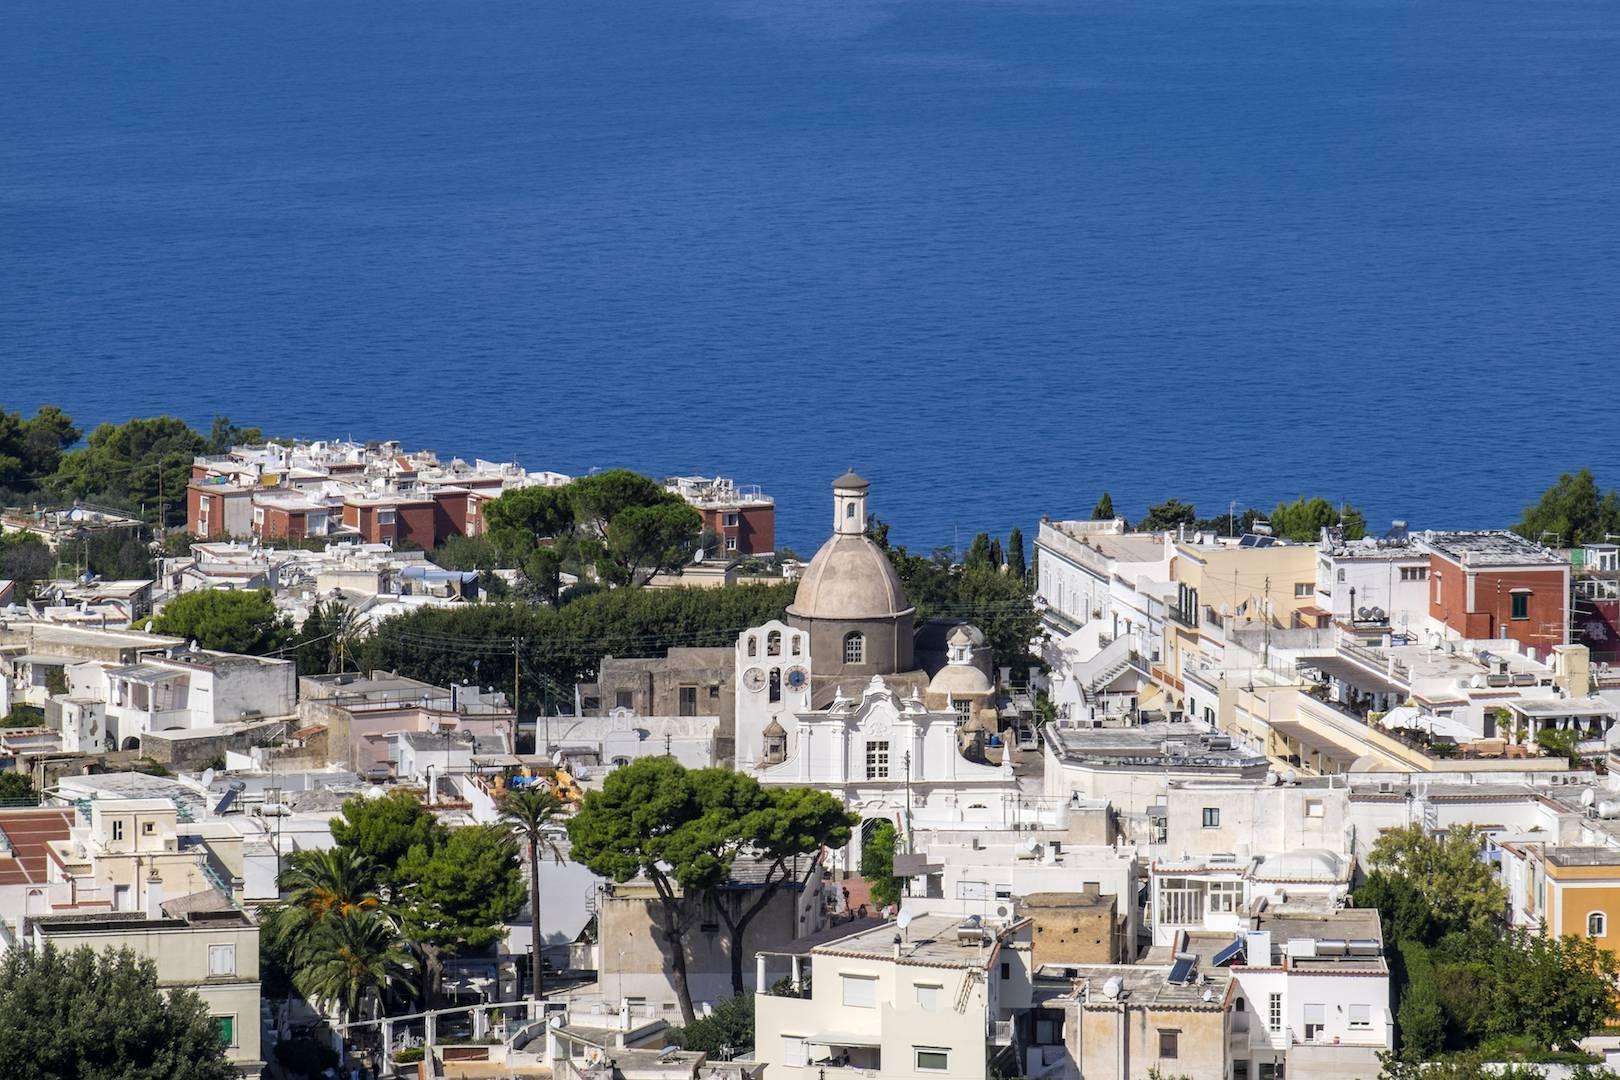 Soggiorno e tours in costiera amalfitana capri travel etc for Soggiorno costiera amalfitana